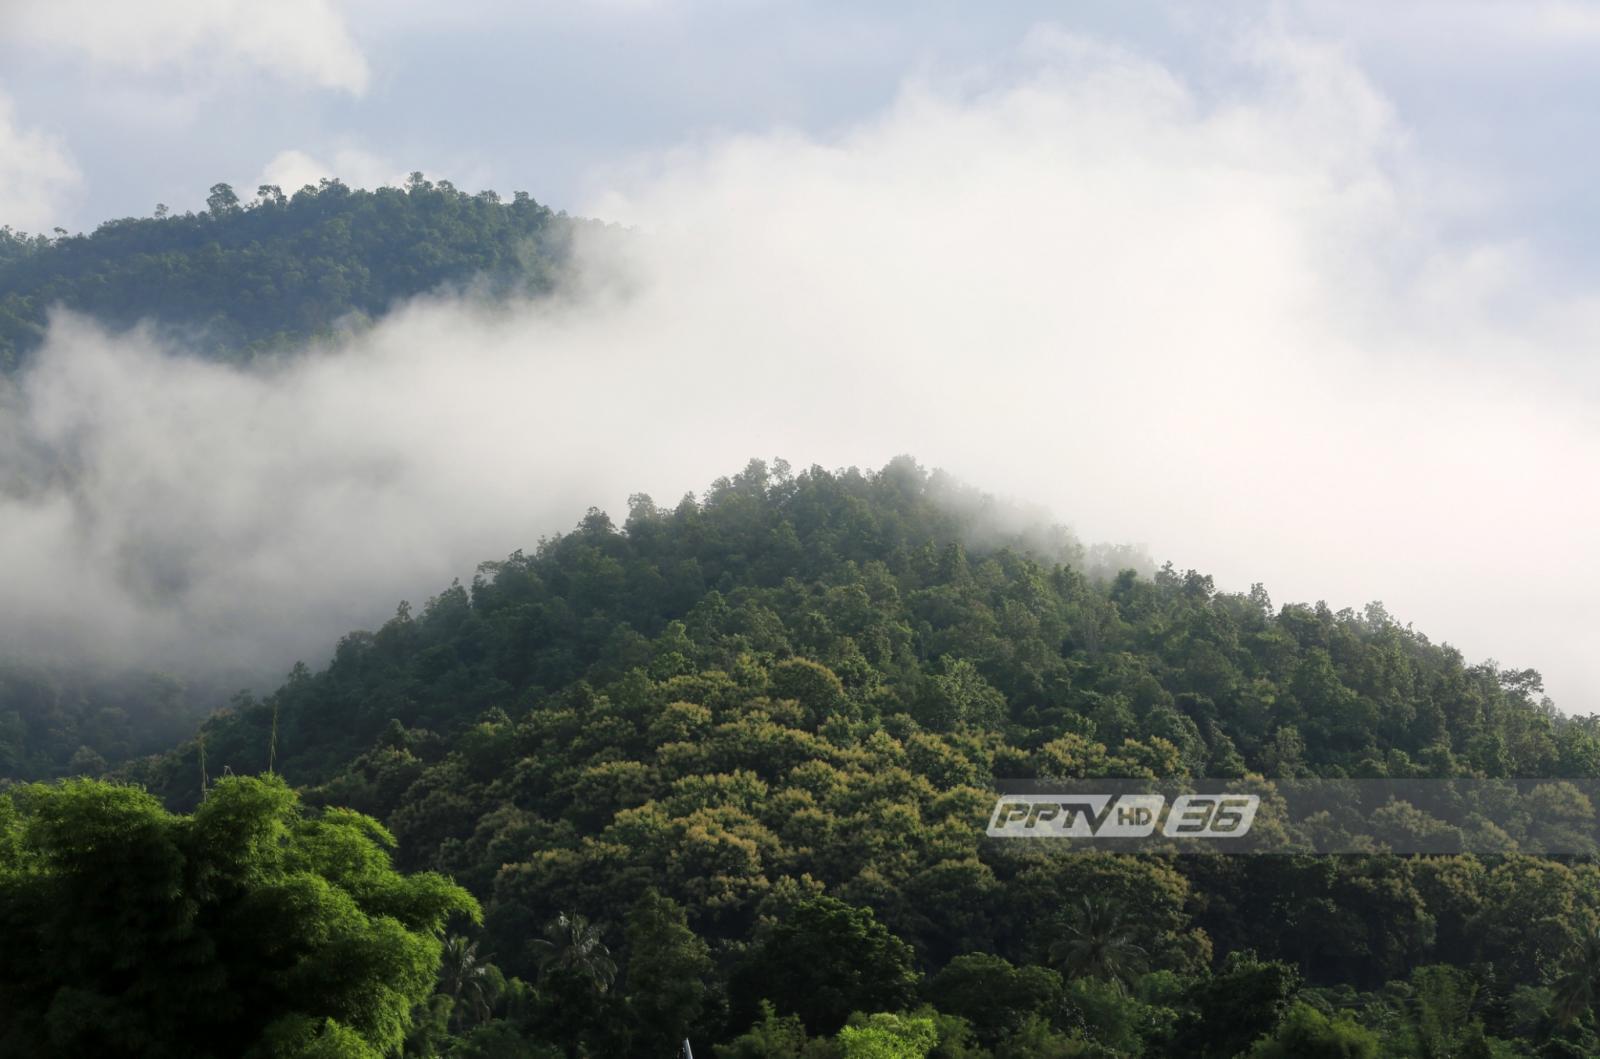 อุตุฯ เผย กทม.มีฝนฟ้าคะนองร้อยละ 30 อุณหภูมิลดลง 2-4 องศา